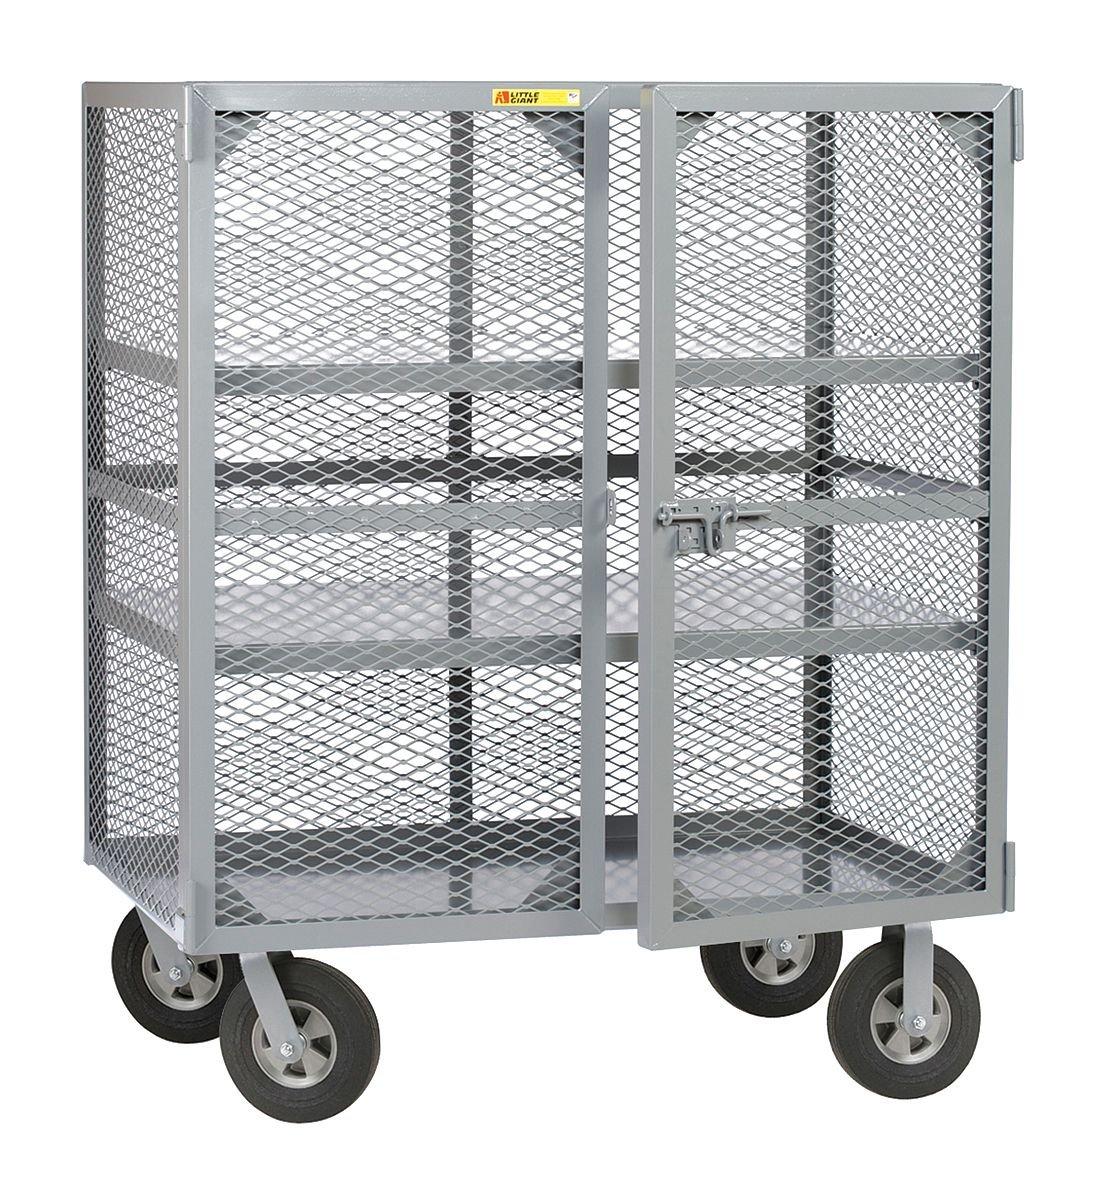 Job Site Security Box SC2-2460-10SR 1500 lb. Little Giant